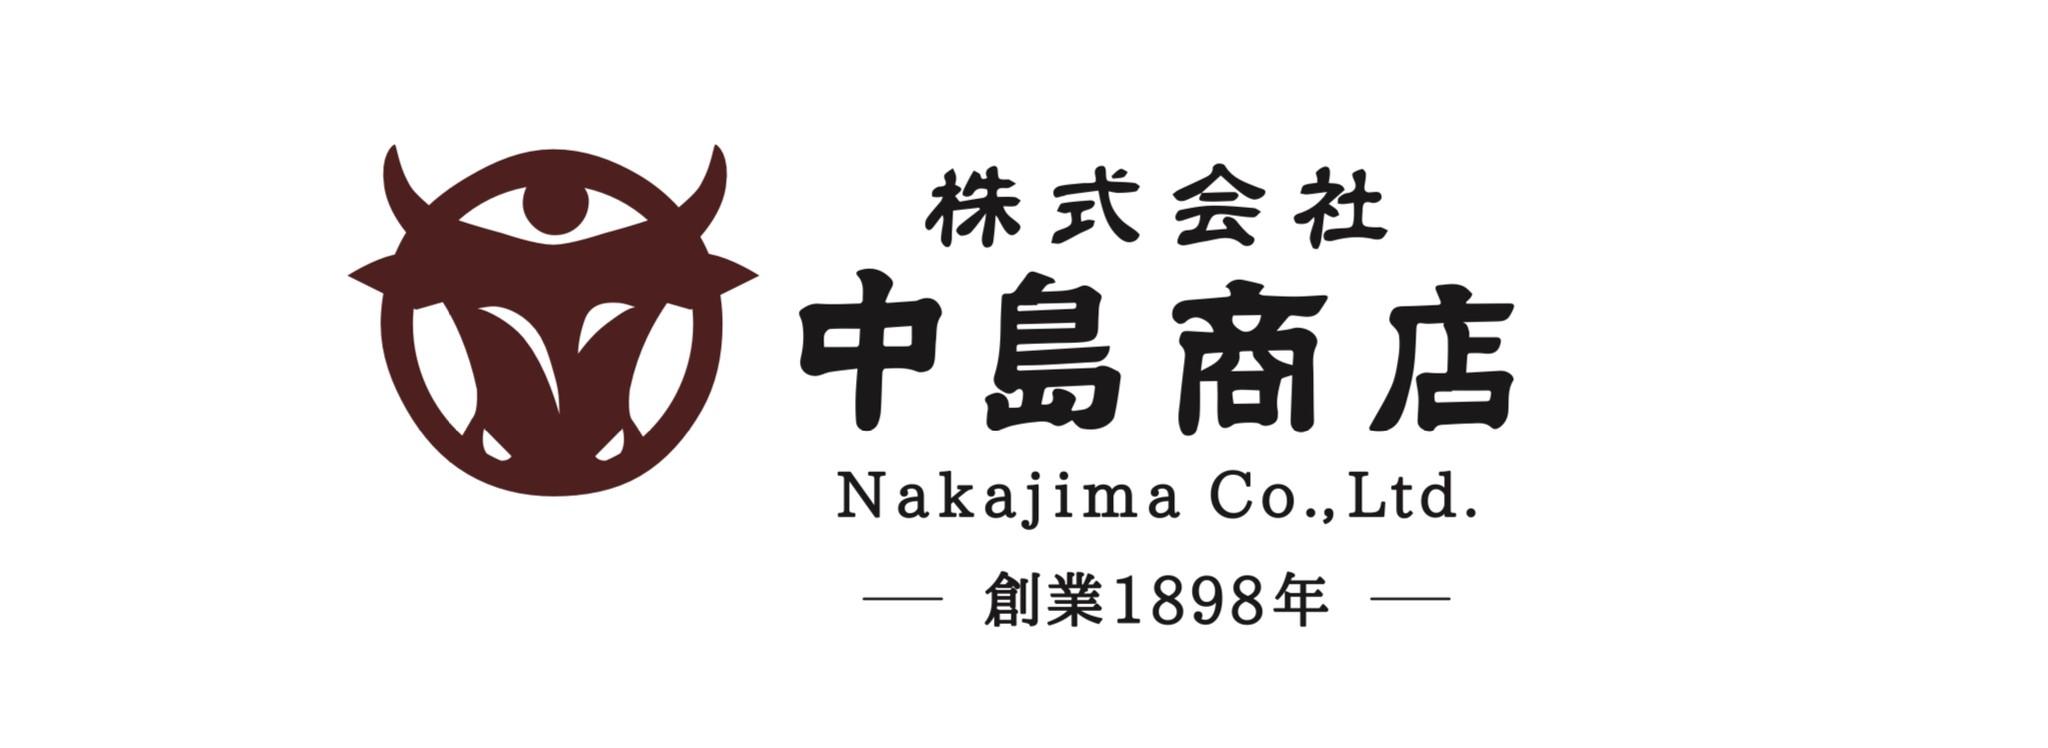 株式会社 中島商店